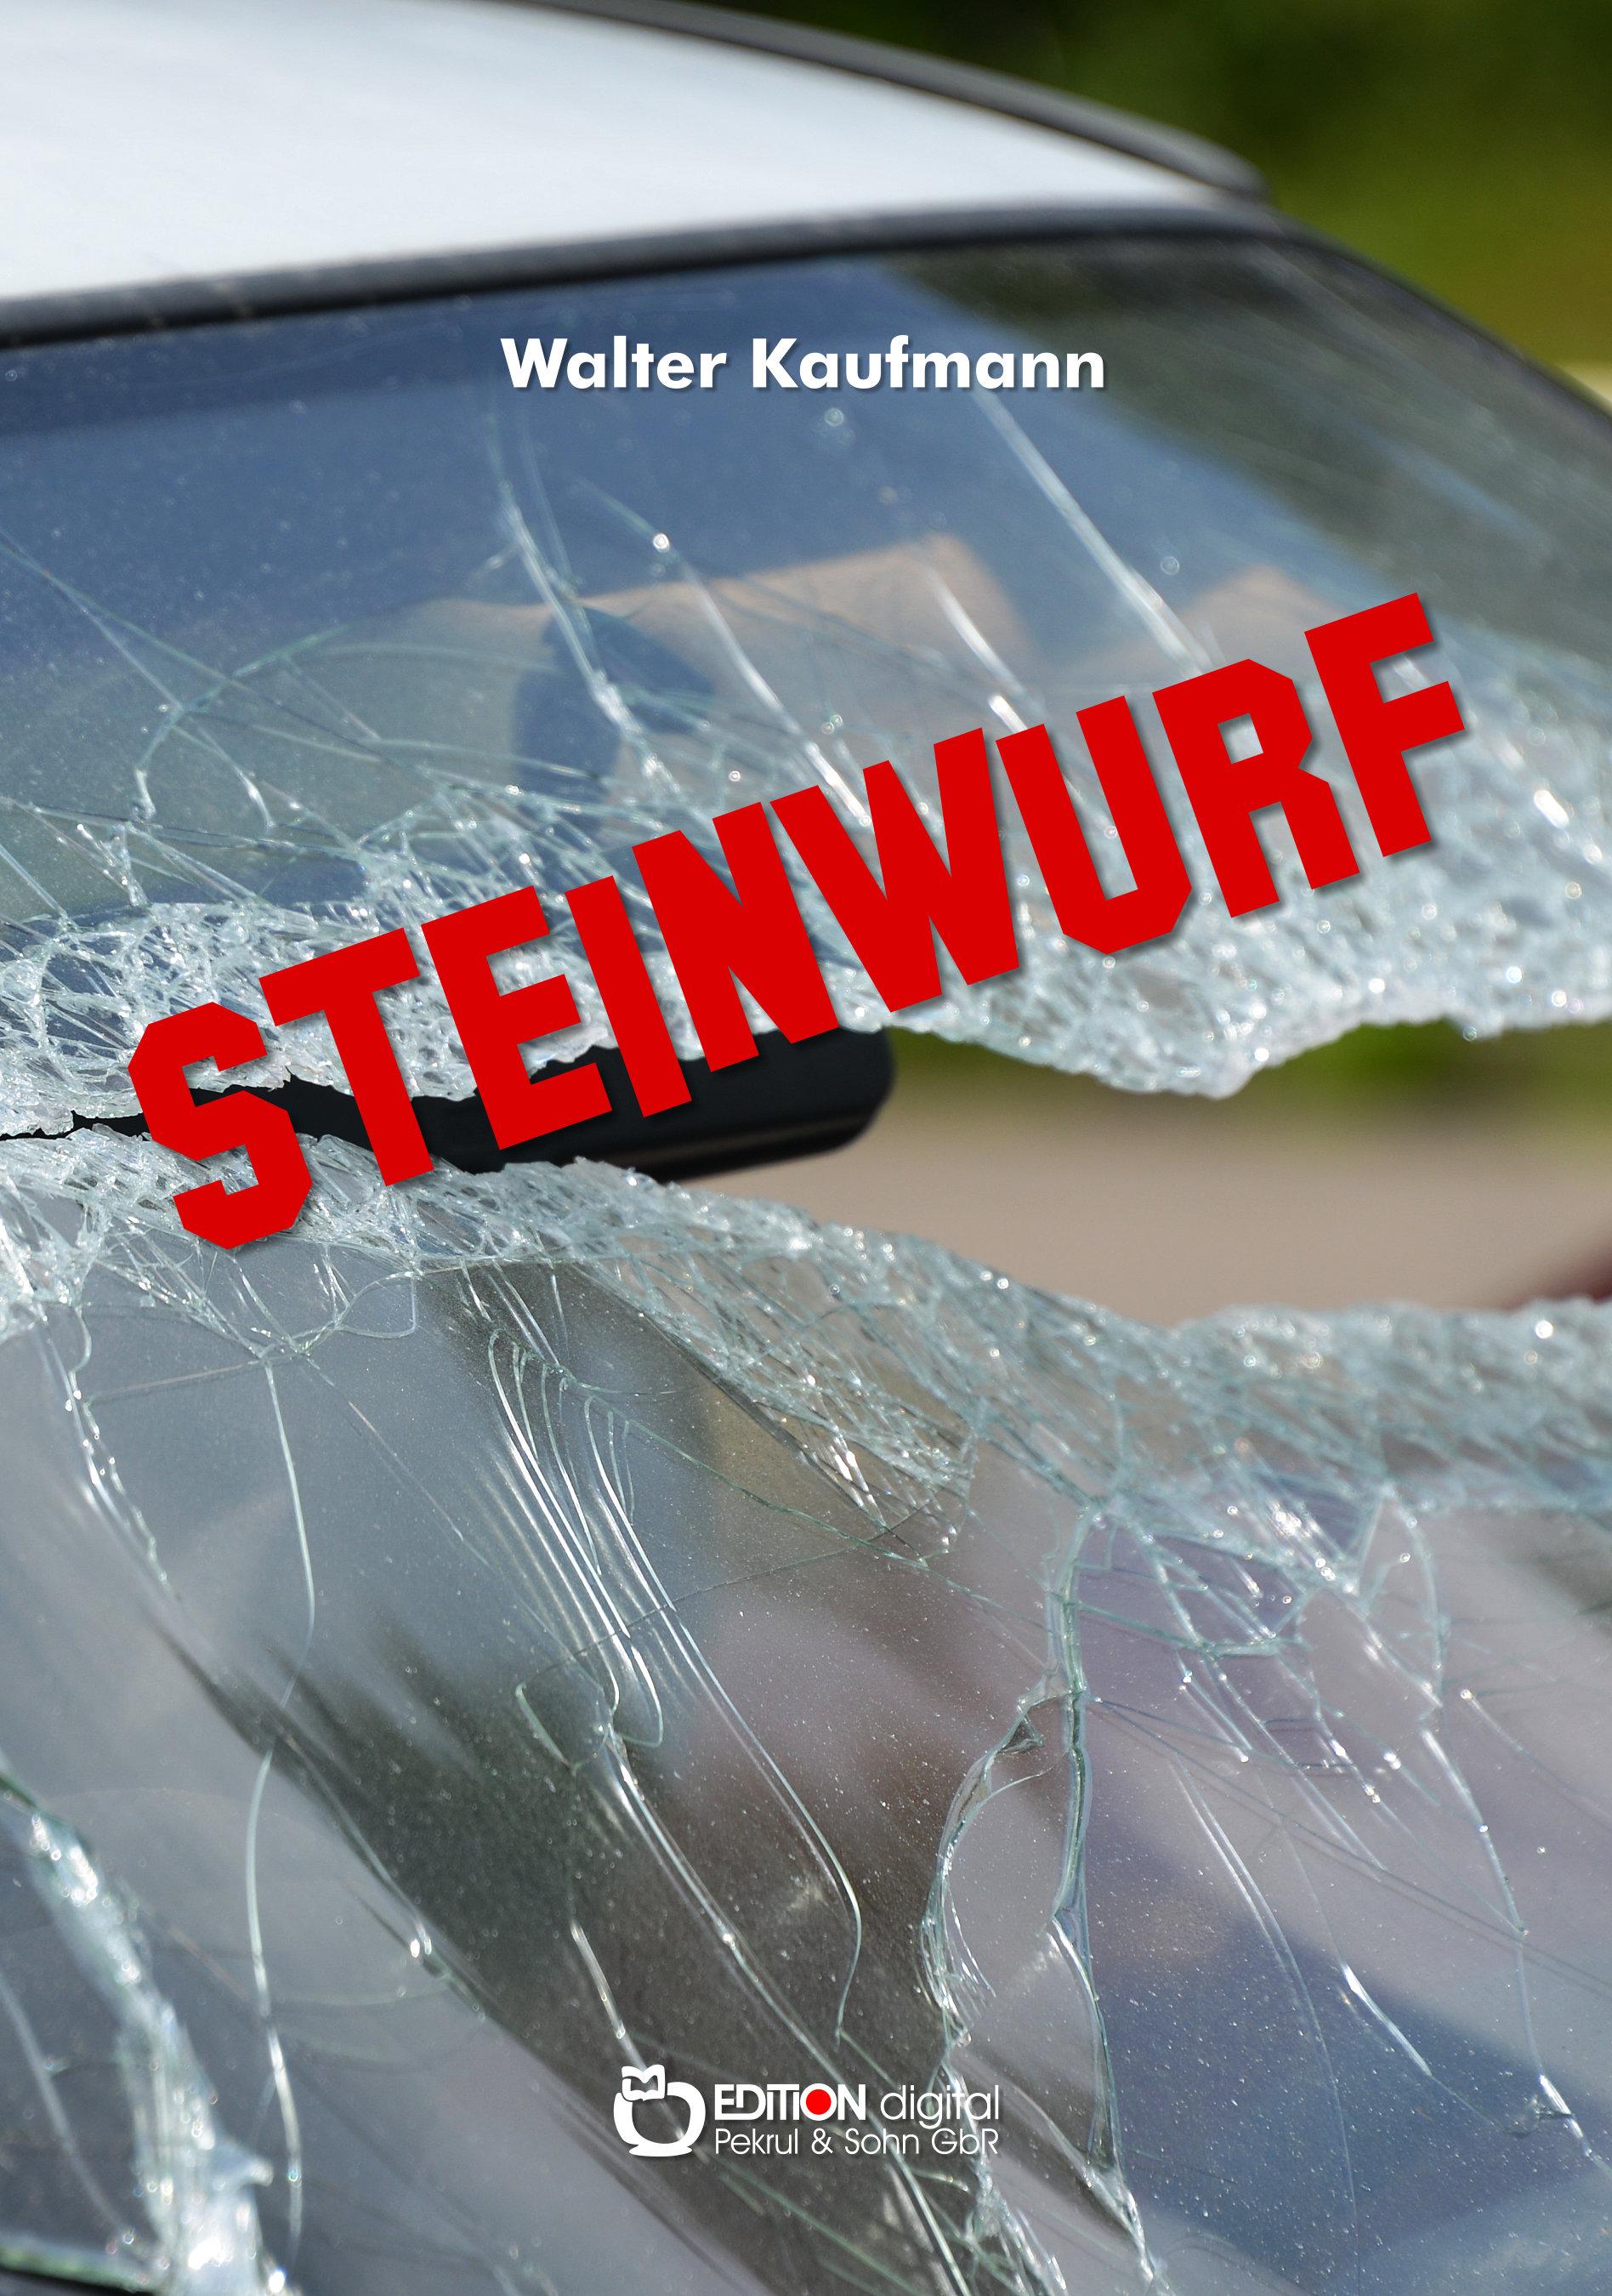 Steinwurf. Über eine Liebe in Deutschland von Walter Kaufmann